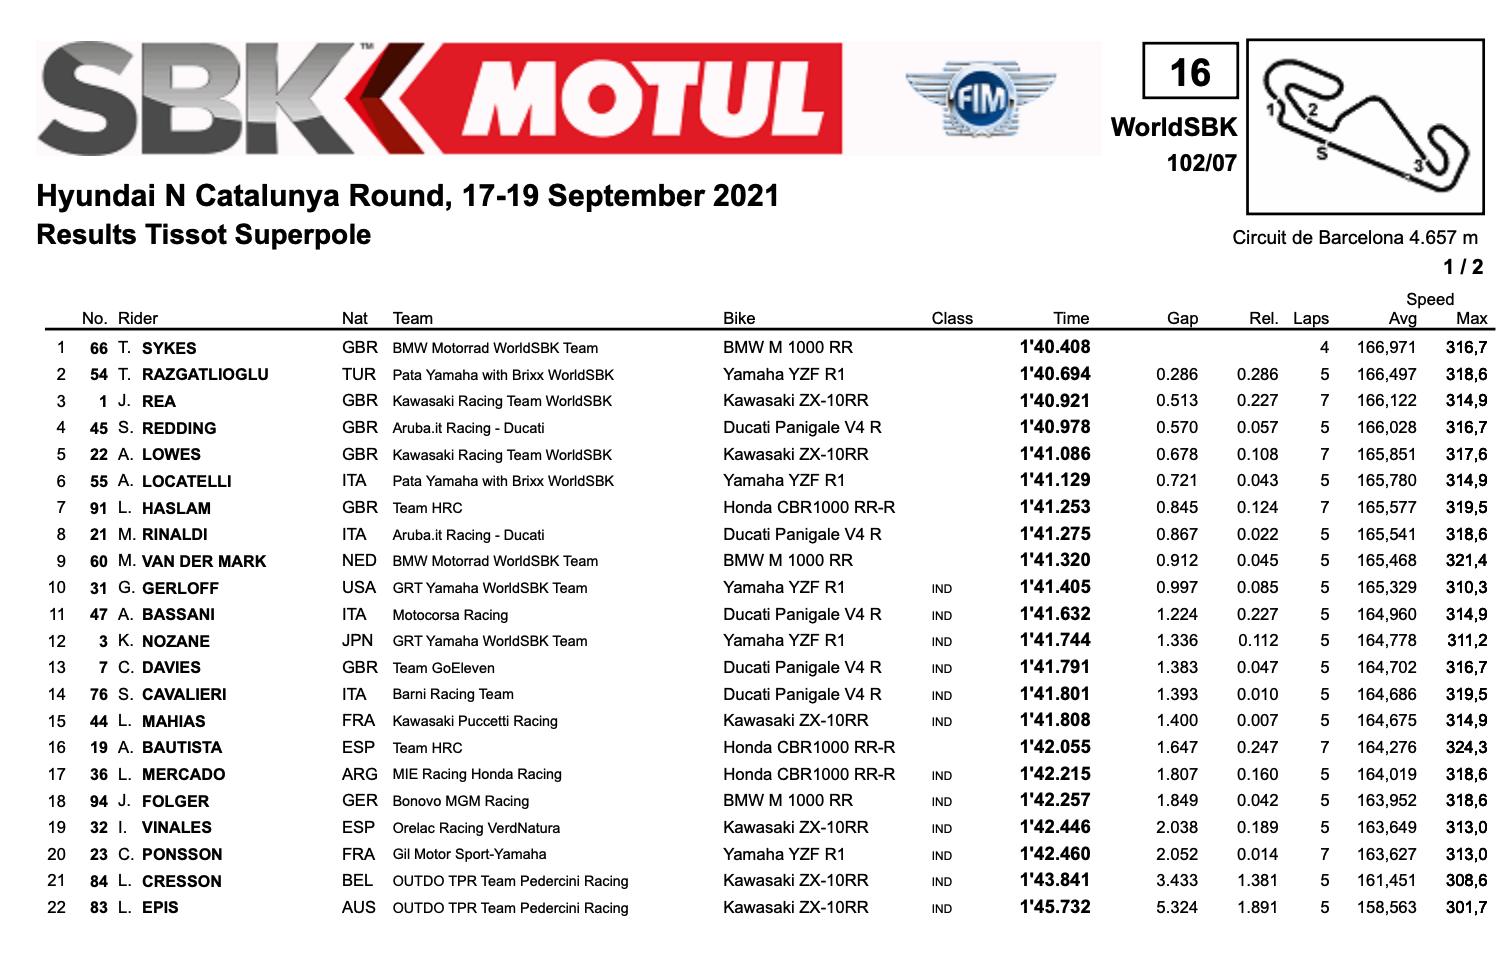 FIM スーパーバイク世界選手権(SBK)カタルーニャ戦 ポールポジション獲得はトム・サイクス